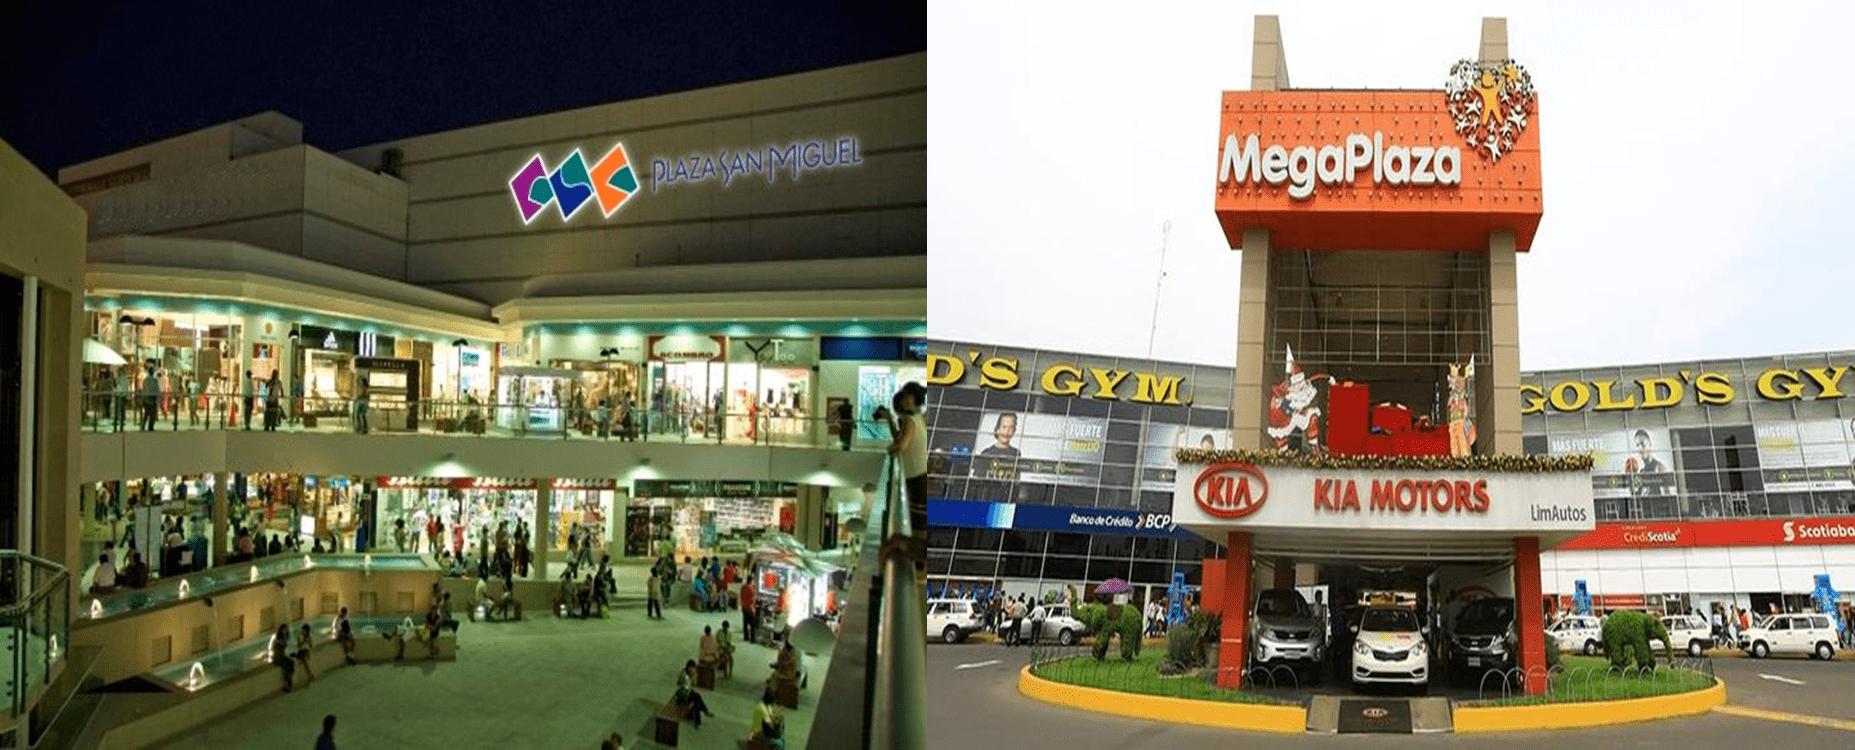 Malls Perú - MegaPlaza y Plaza San Miguel son los centros comerciales con mayor crecimiento de tráfico en tiendas